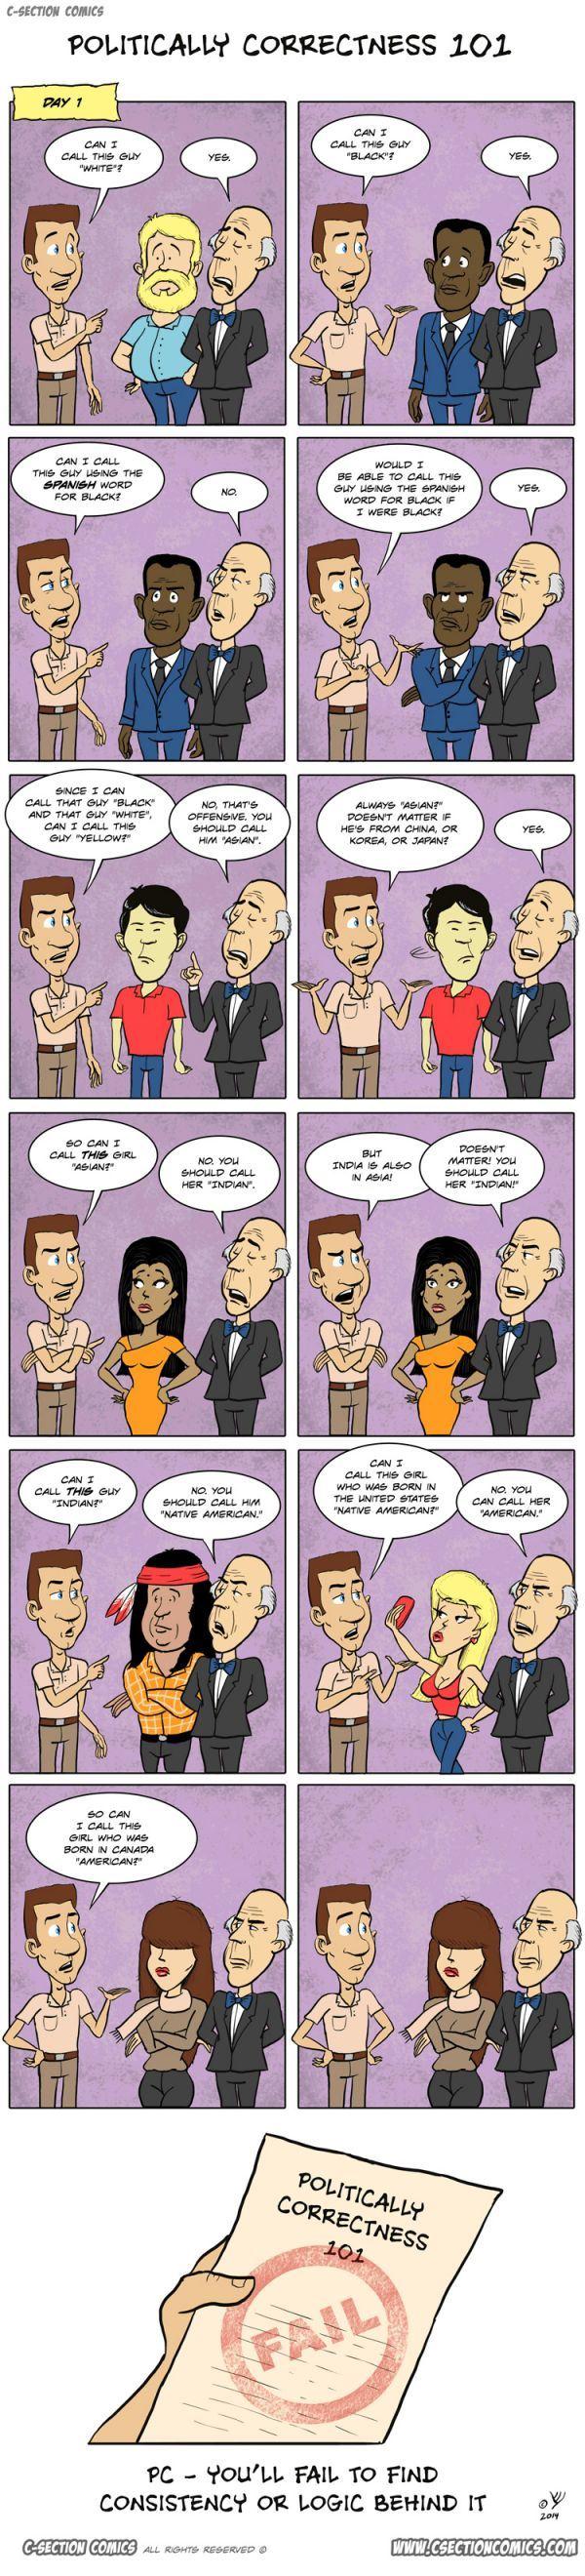 Political correctness 101